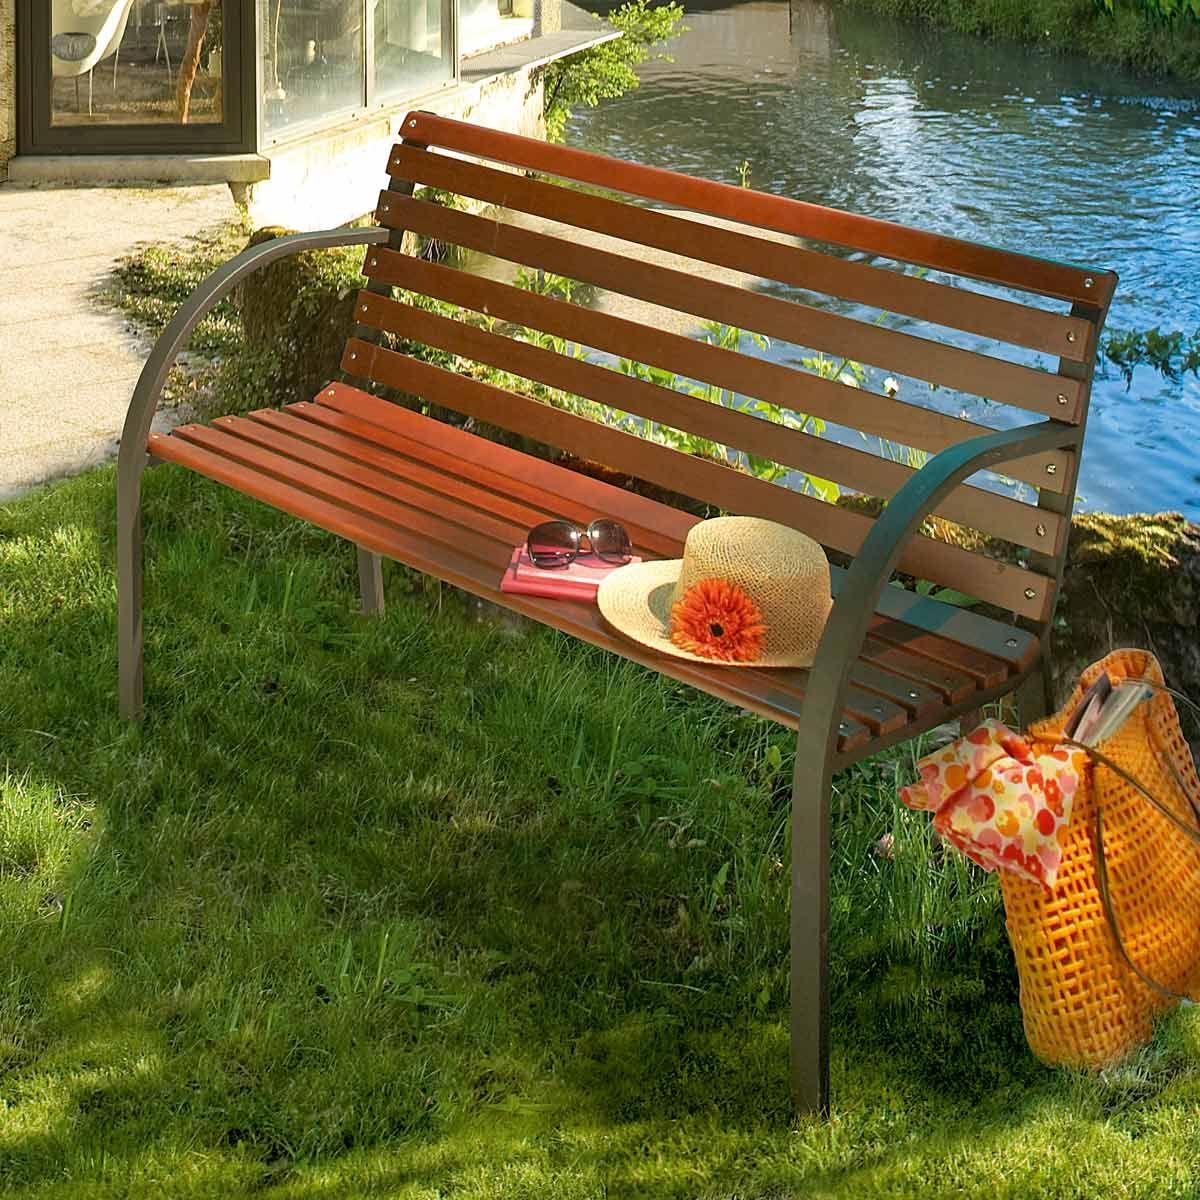 Mobilier de jardin chez tati - Mailleraye.fr jardin